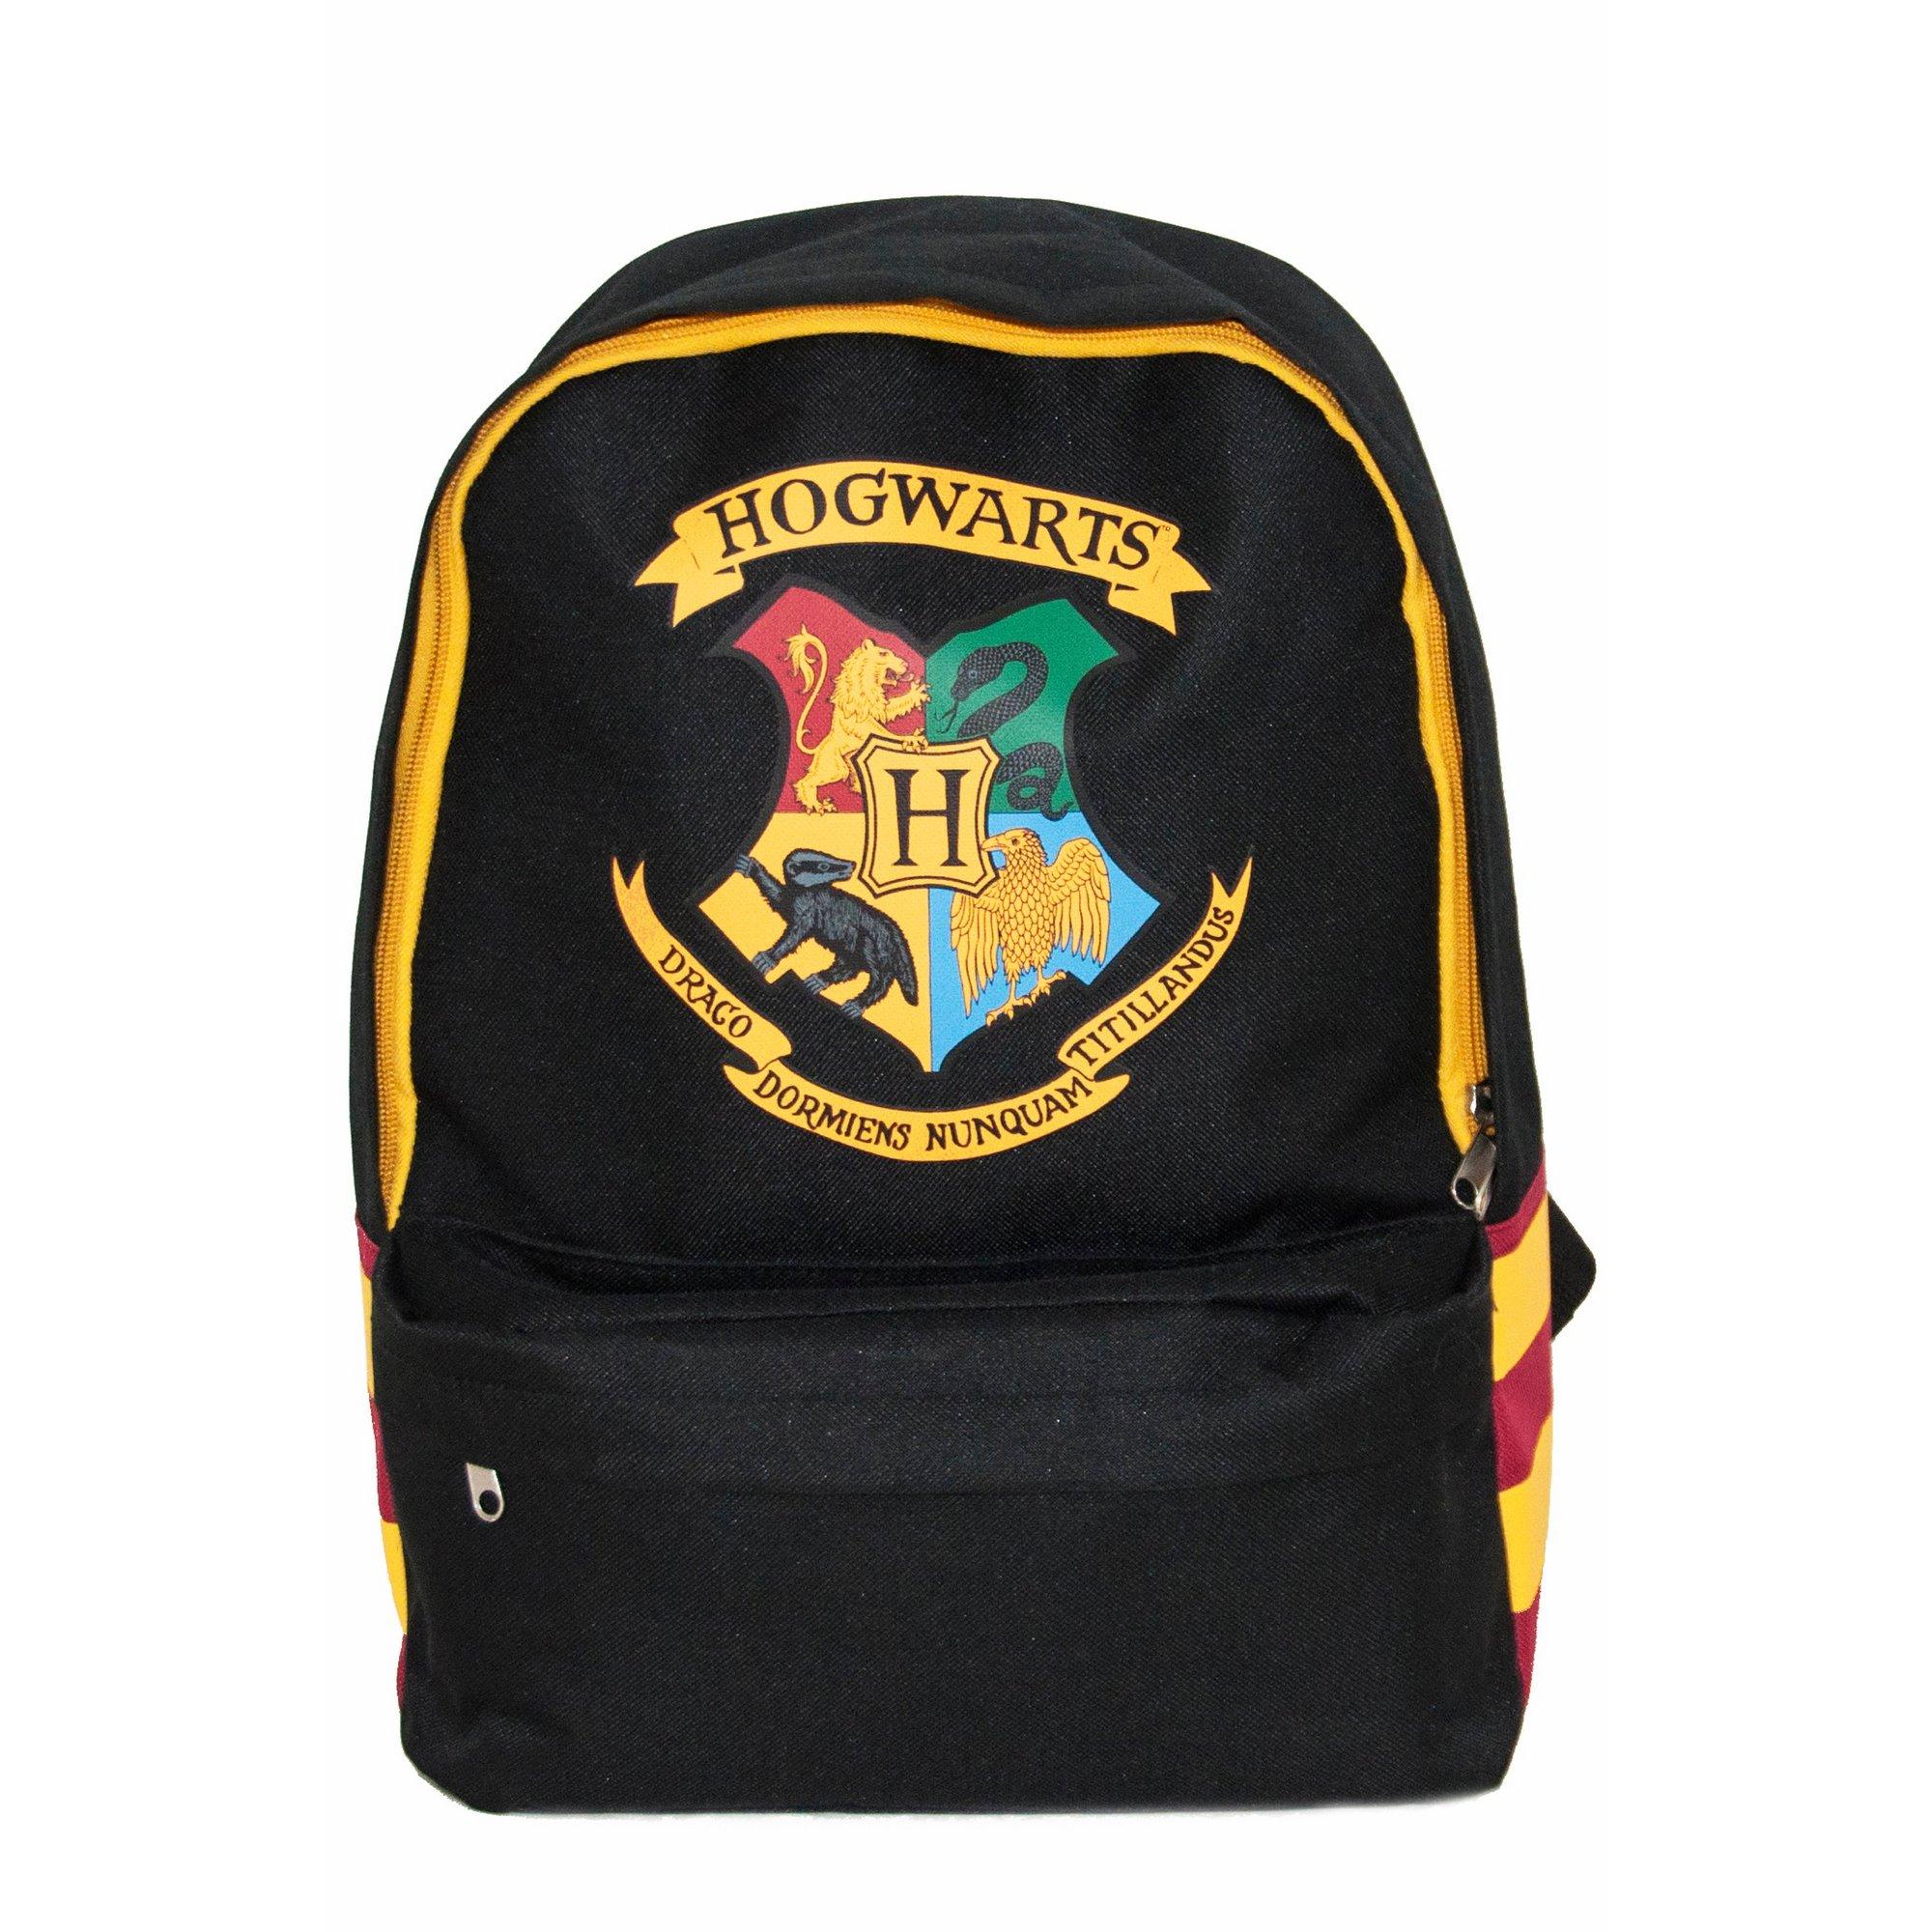 Image of Hogwarts Harry Potter Back to School Backpack